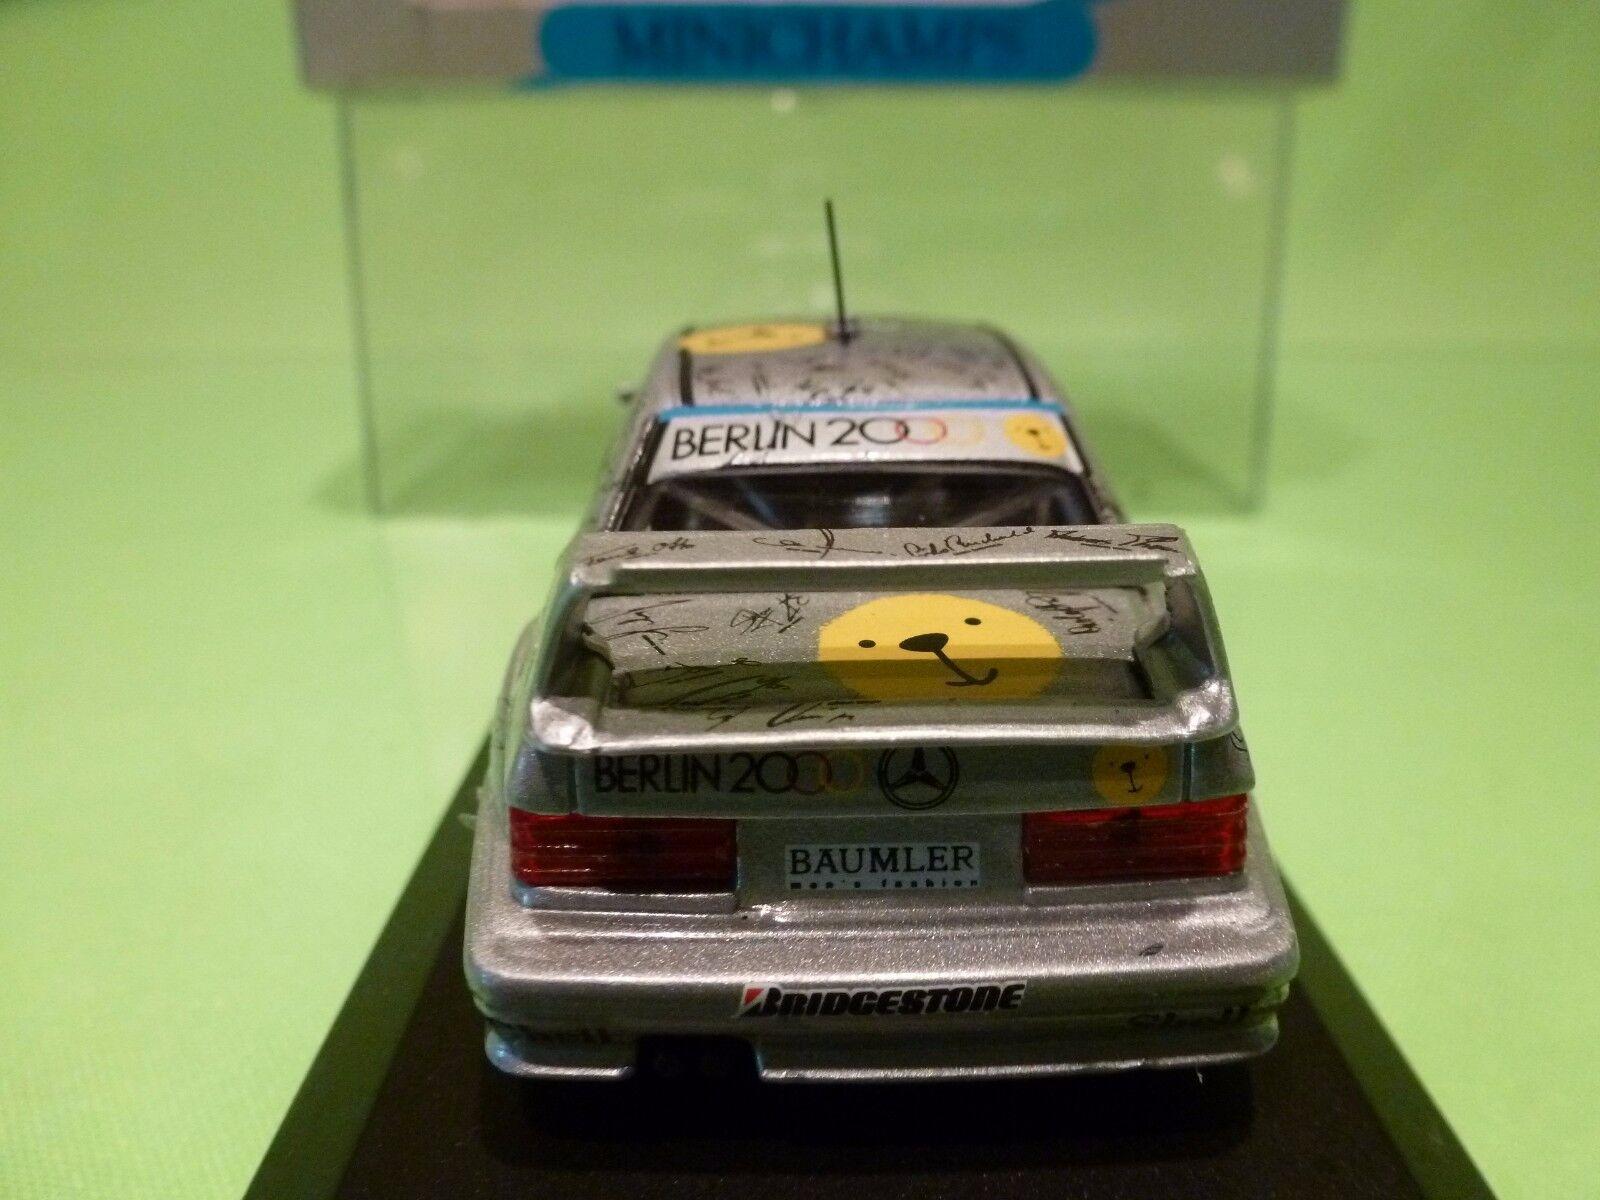 MINICHAMPS  MERCEDES BENZ 190E 190E 190E DTM 1992 - BERLIN 2000 - KEKE ROSBERG - 1 43 NMIB 956d65